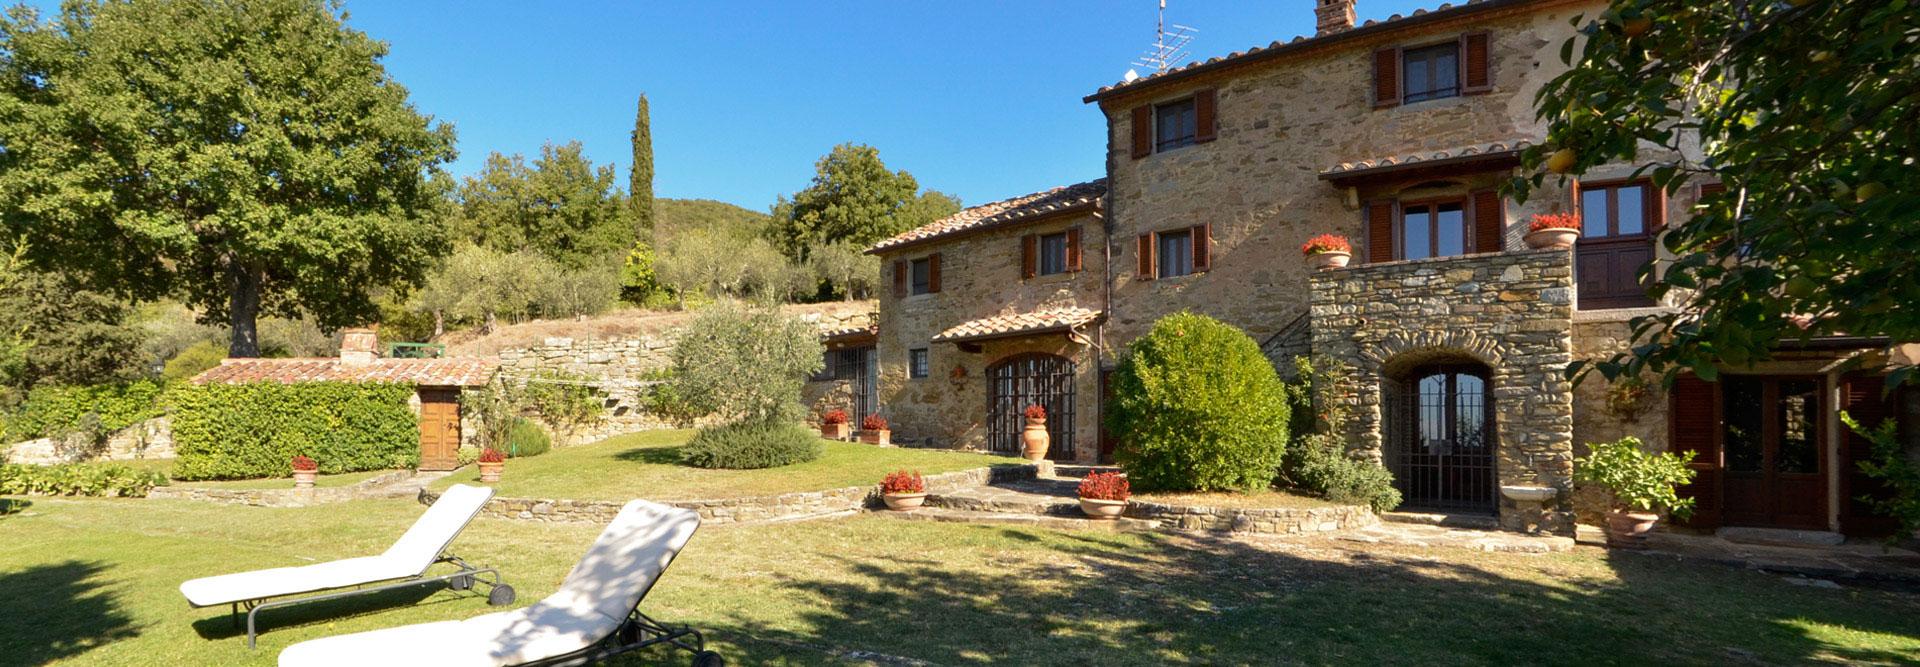 Casa monaldi villa in cortona toscana con piscina nelle for Piani di casa con guest house annessa